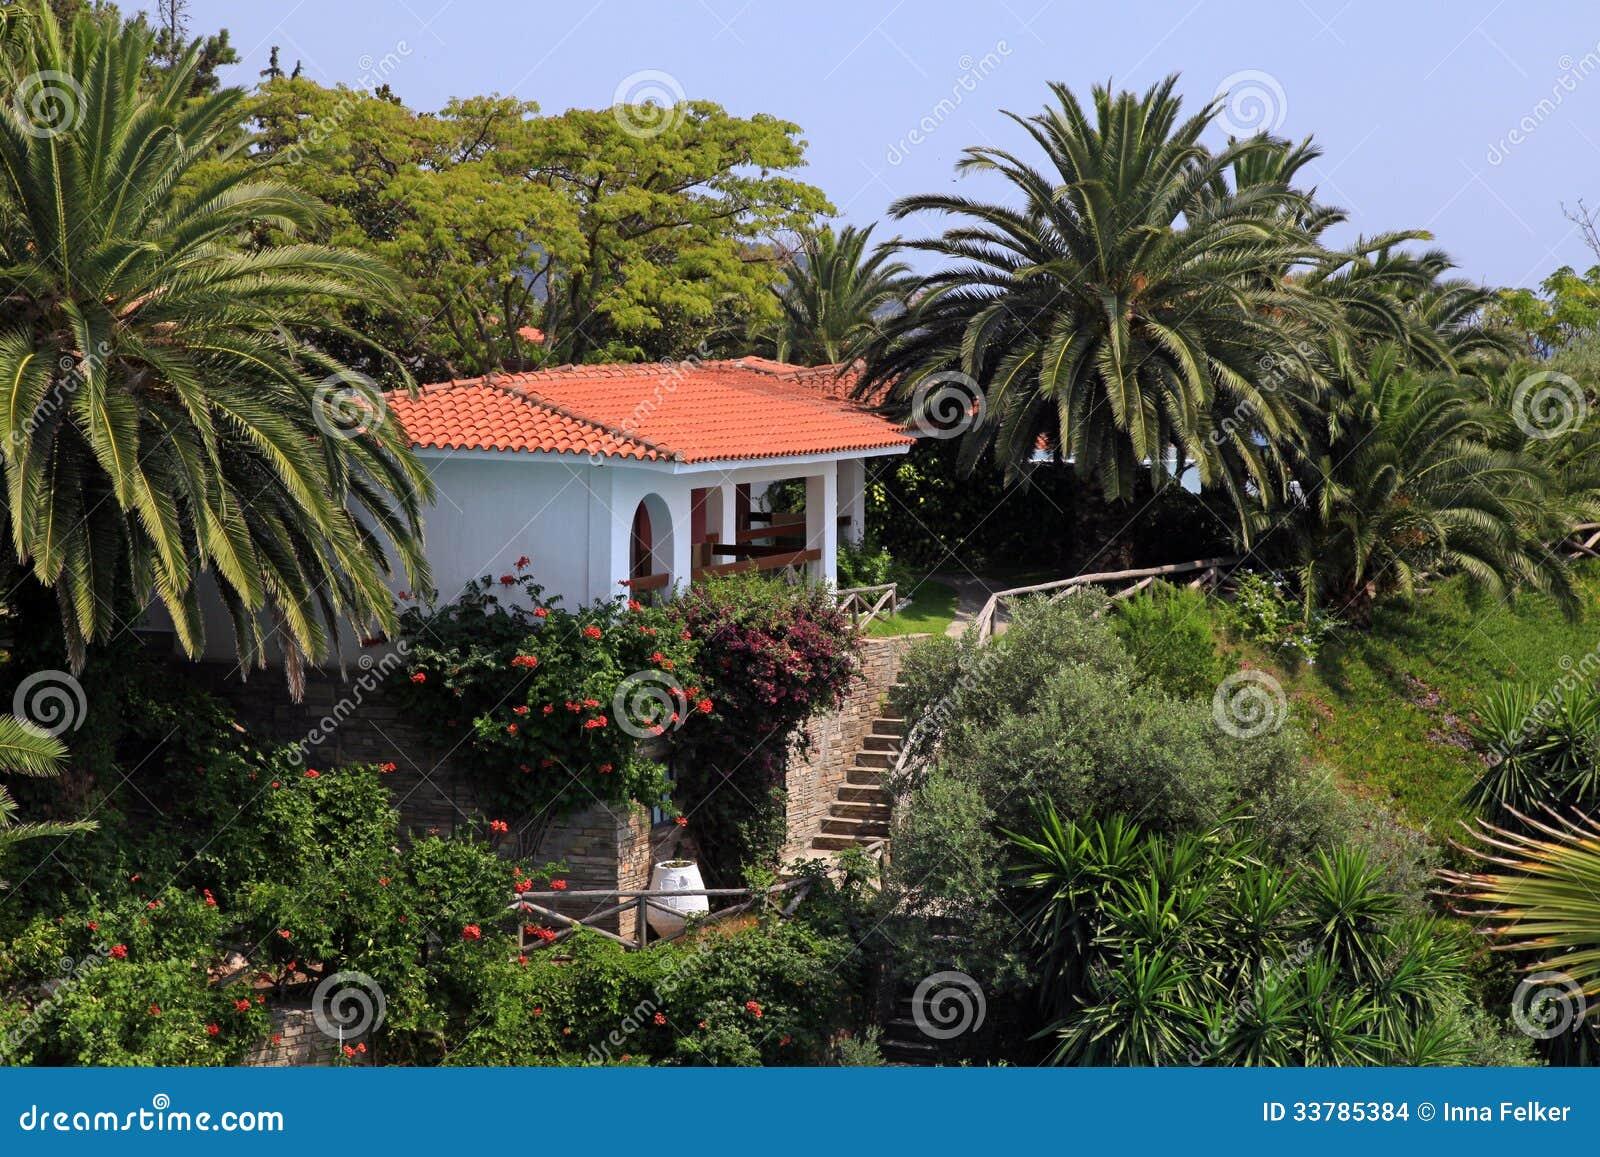 Mooi wit huis in de mediterrane tuin griekenland stock for Huis in de tuin